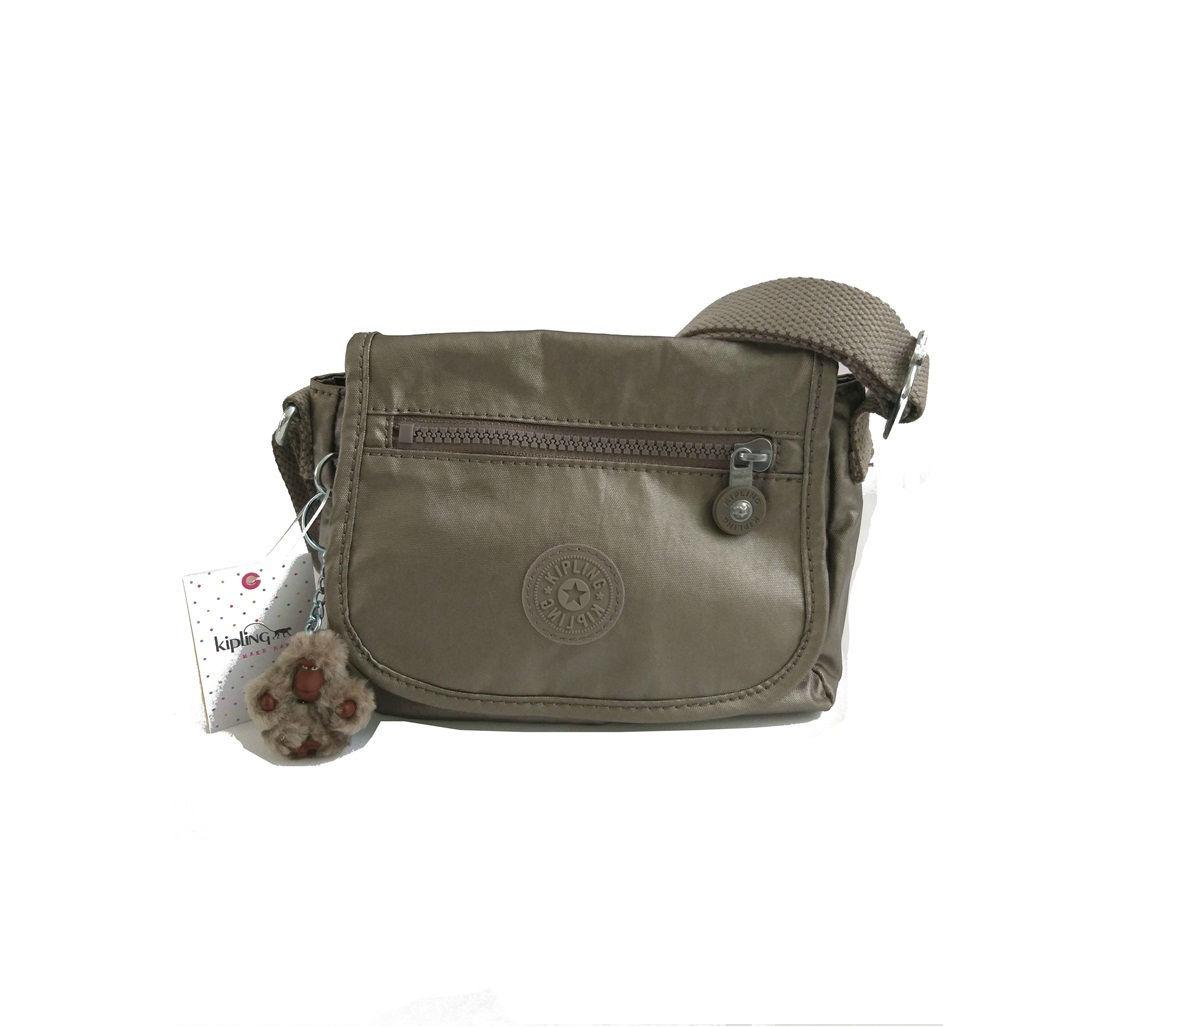 fd1b7553c3ab bolsa kipling sabian crossbody metallic mini bag original. Carregando zoom.